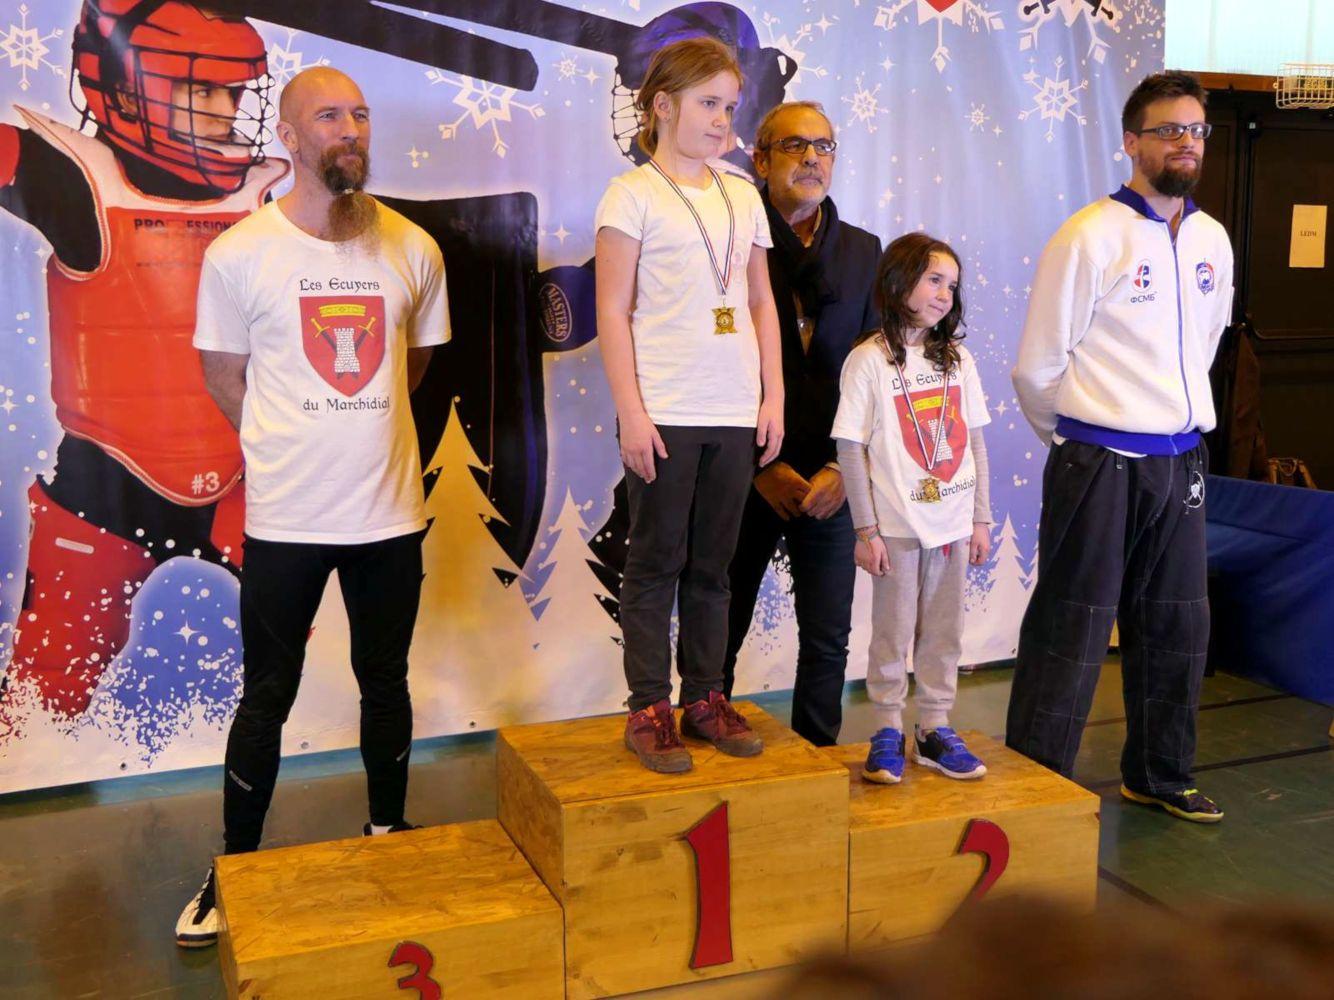 2020-01_Tournoi_Hiver-podium-poussine